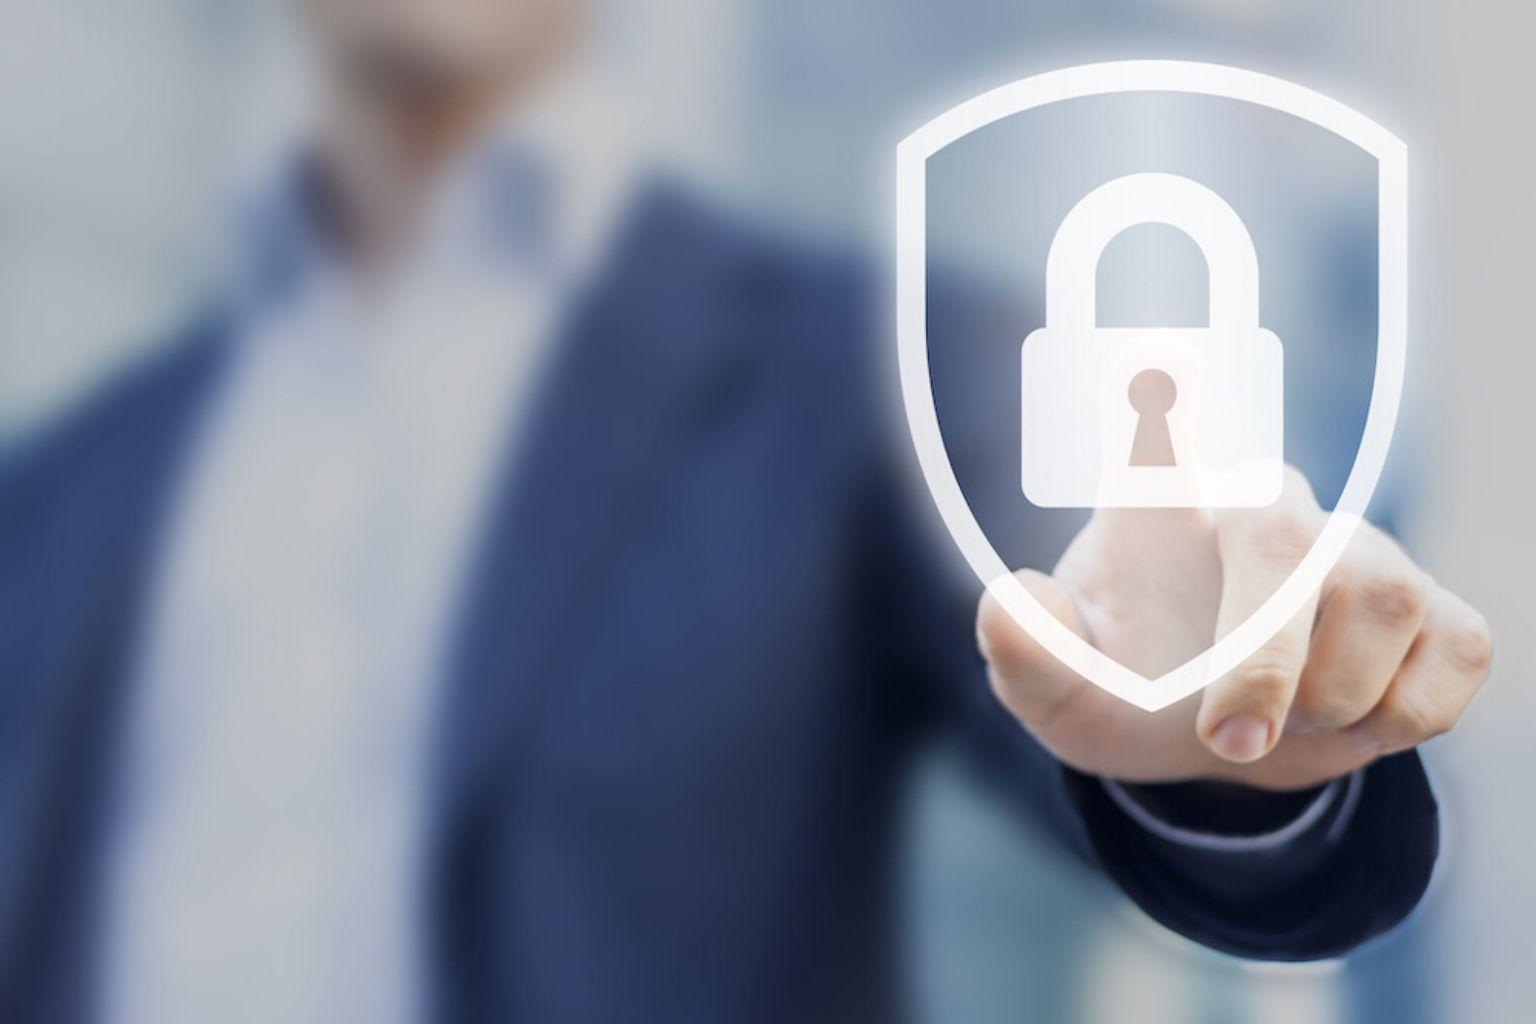 Compatibilité et personnalisation : installation sécurisée